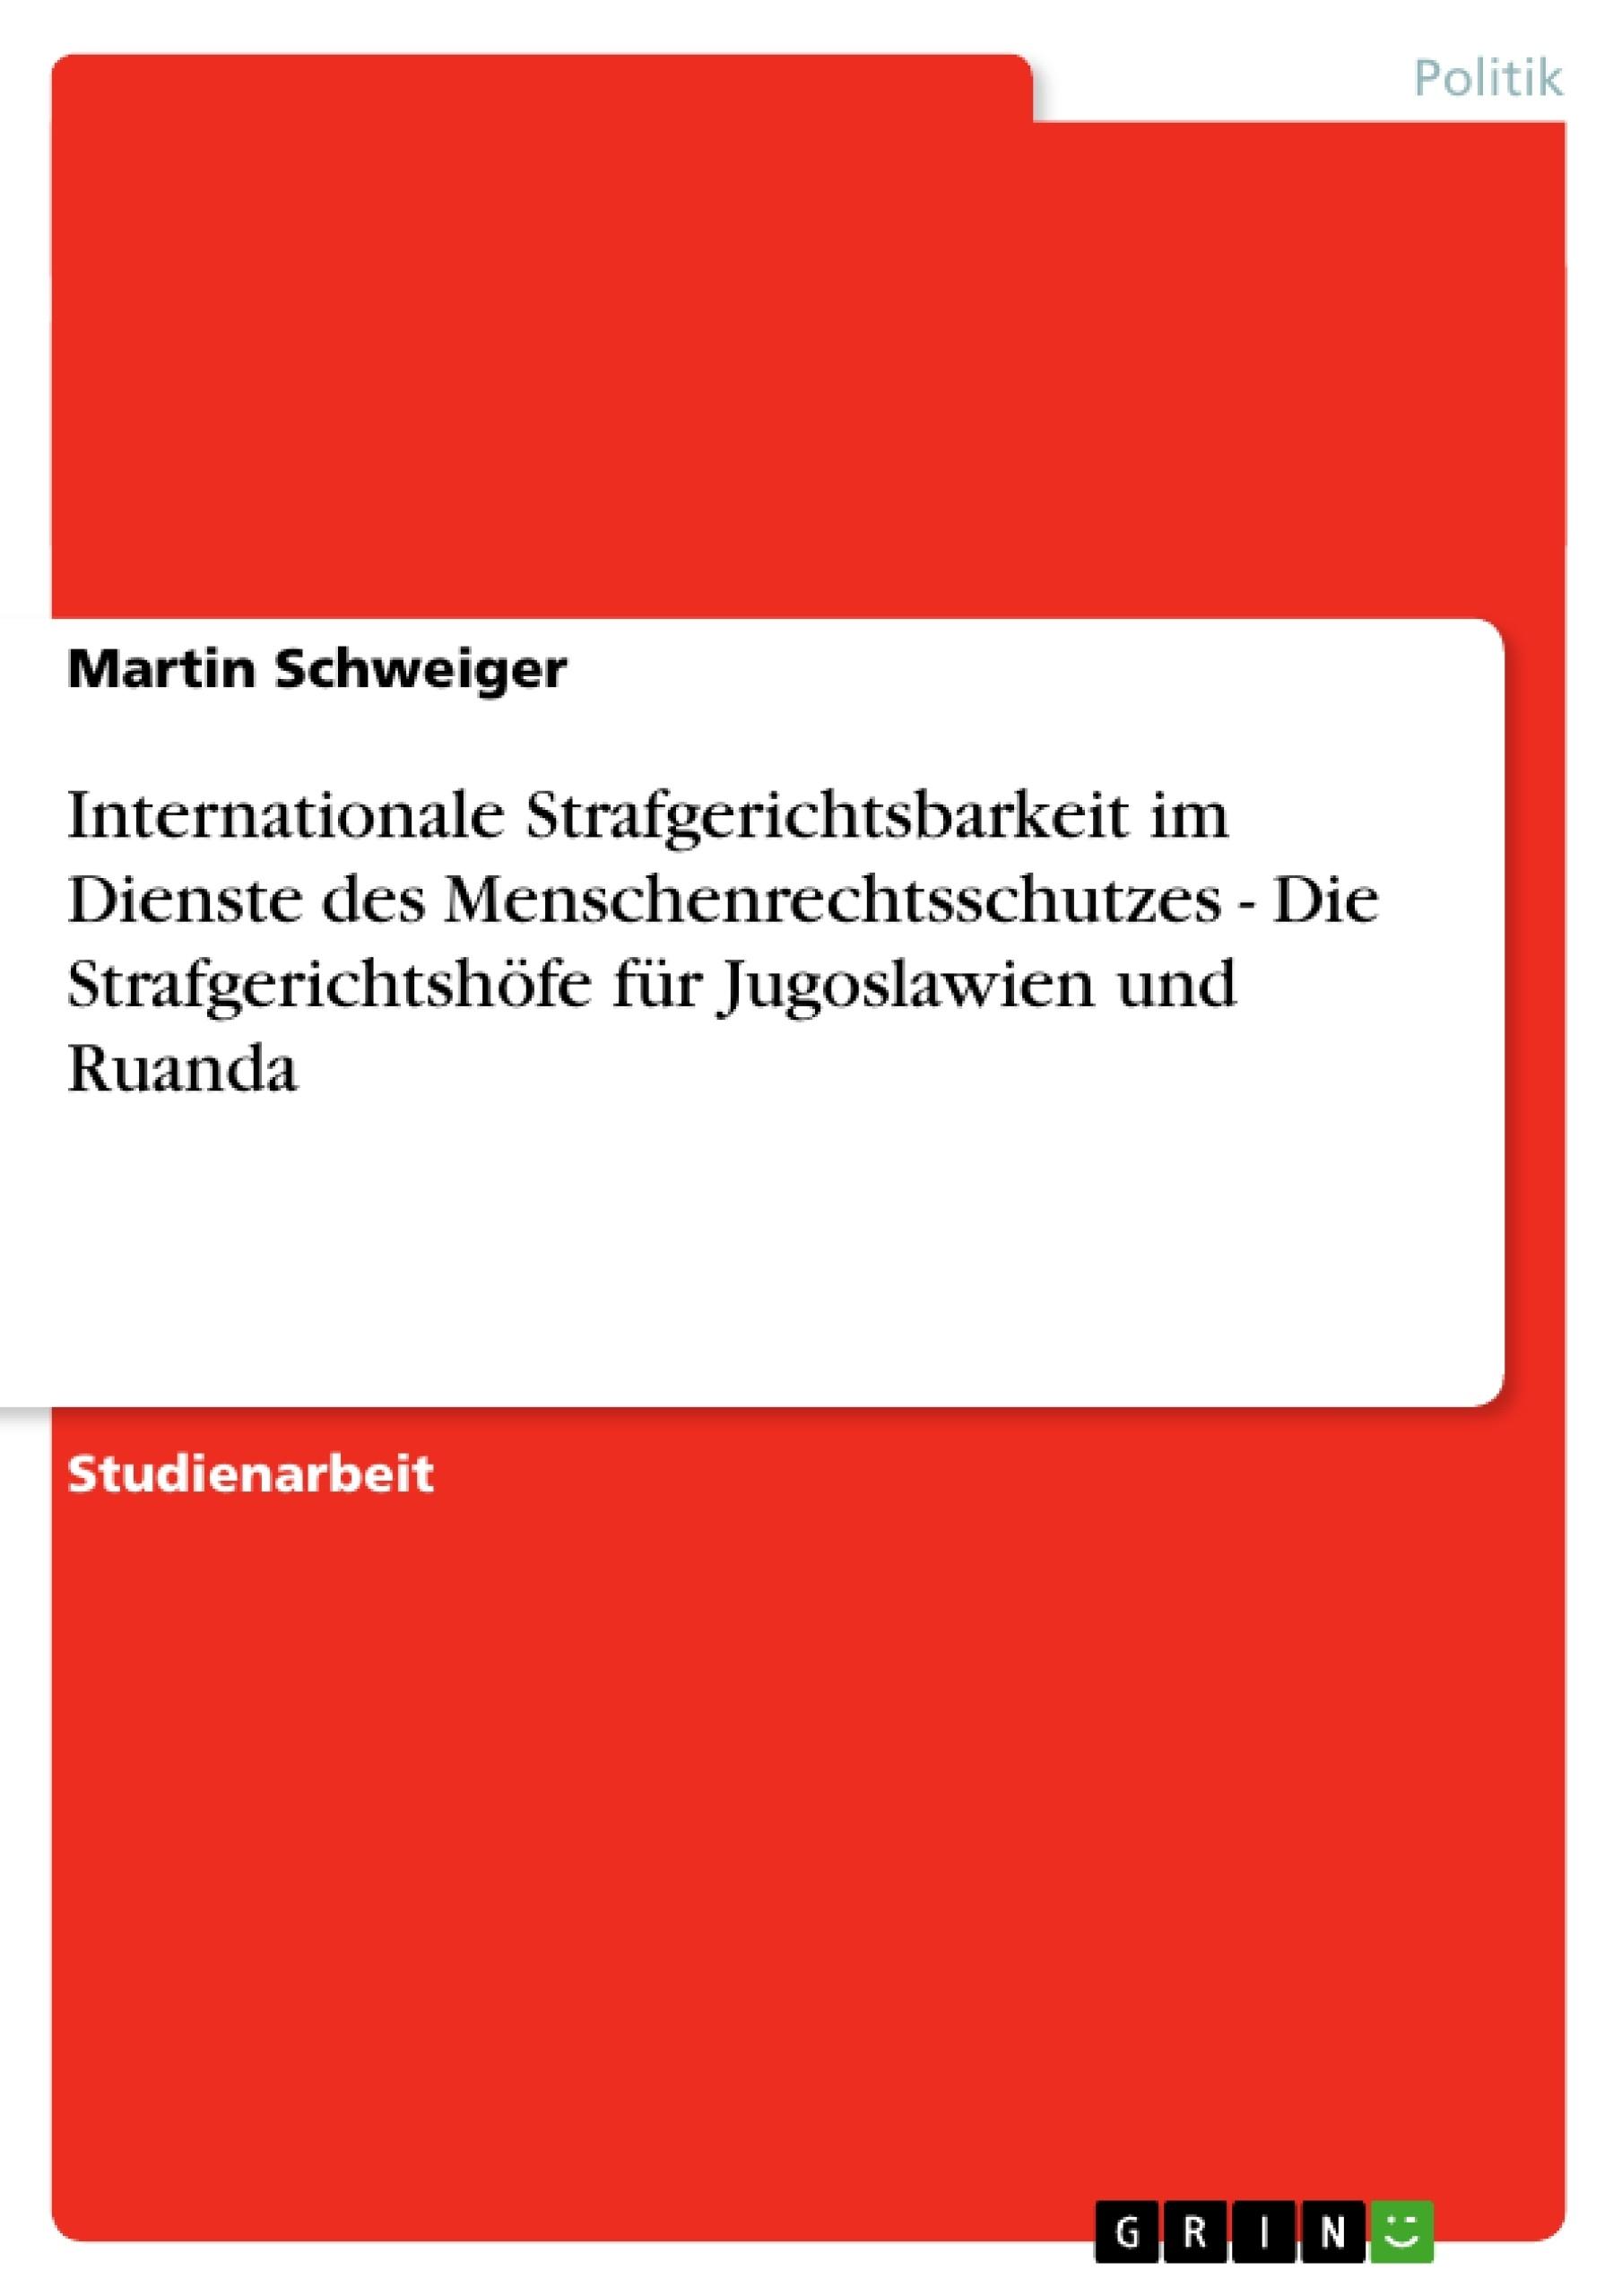 Titel: Internationale Strafgerichtsbarkeit im Dienste des Menschenrechtsschutzes - Die Strafgerichtshöfe für Jugoslawien und Ruanda